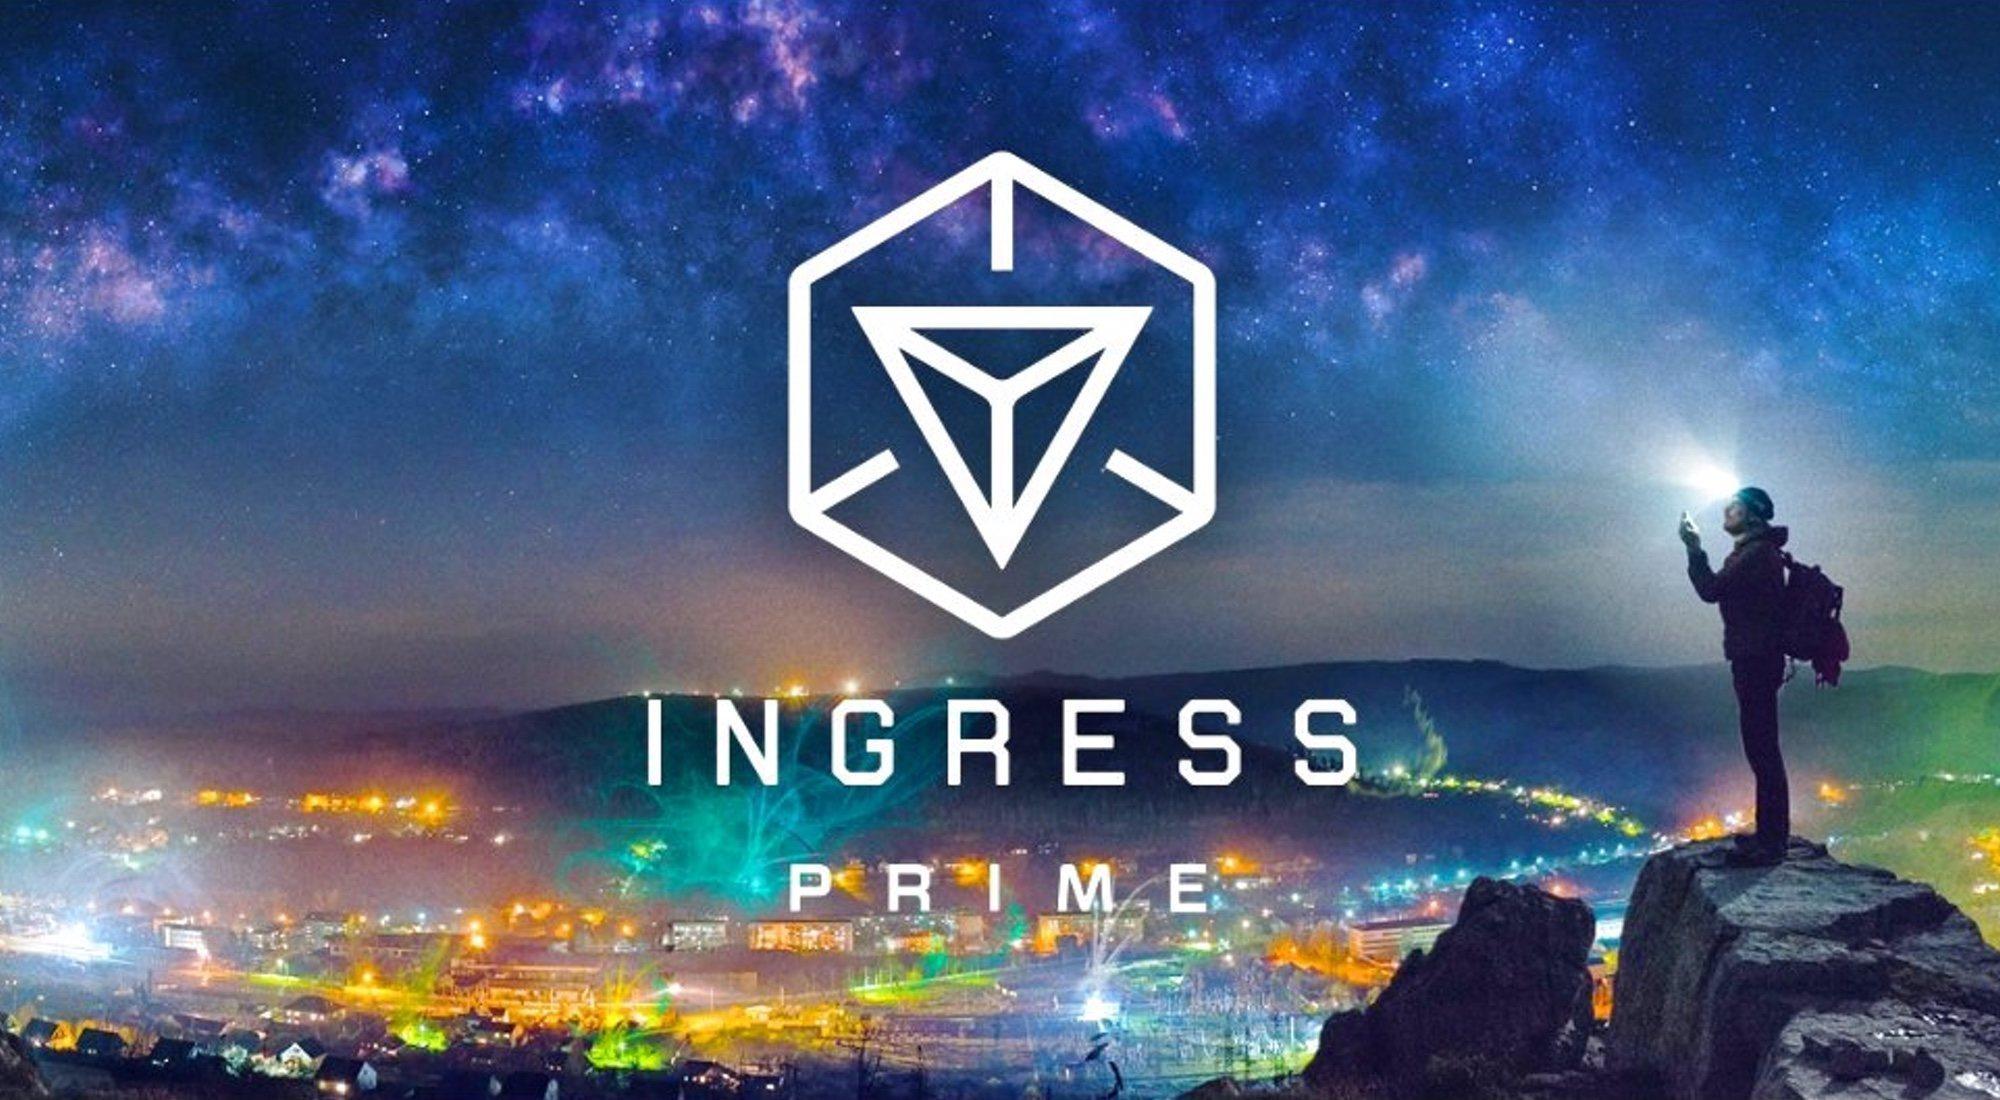 'Ingress Prime', el juego precursor de 'Pokémon GO' que arrasa en todo el mundo